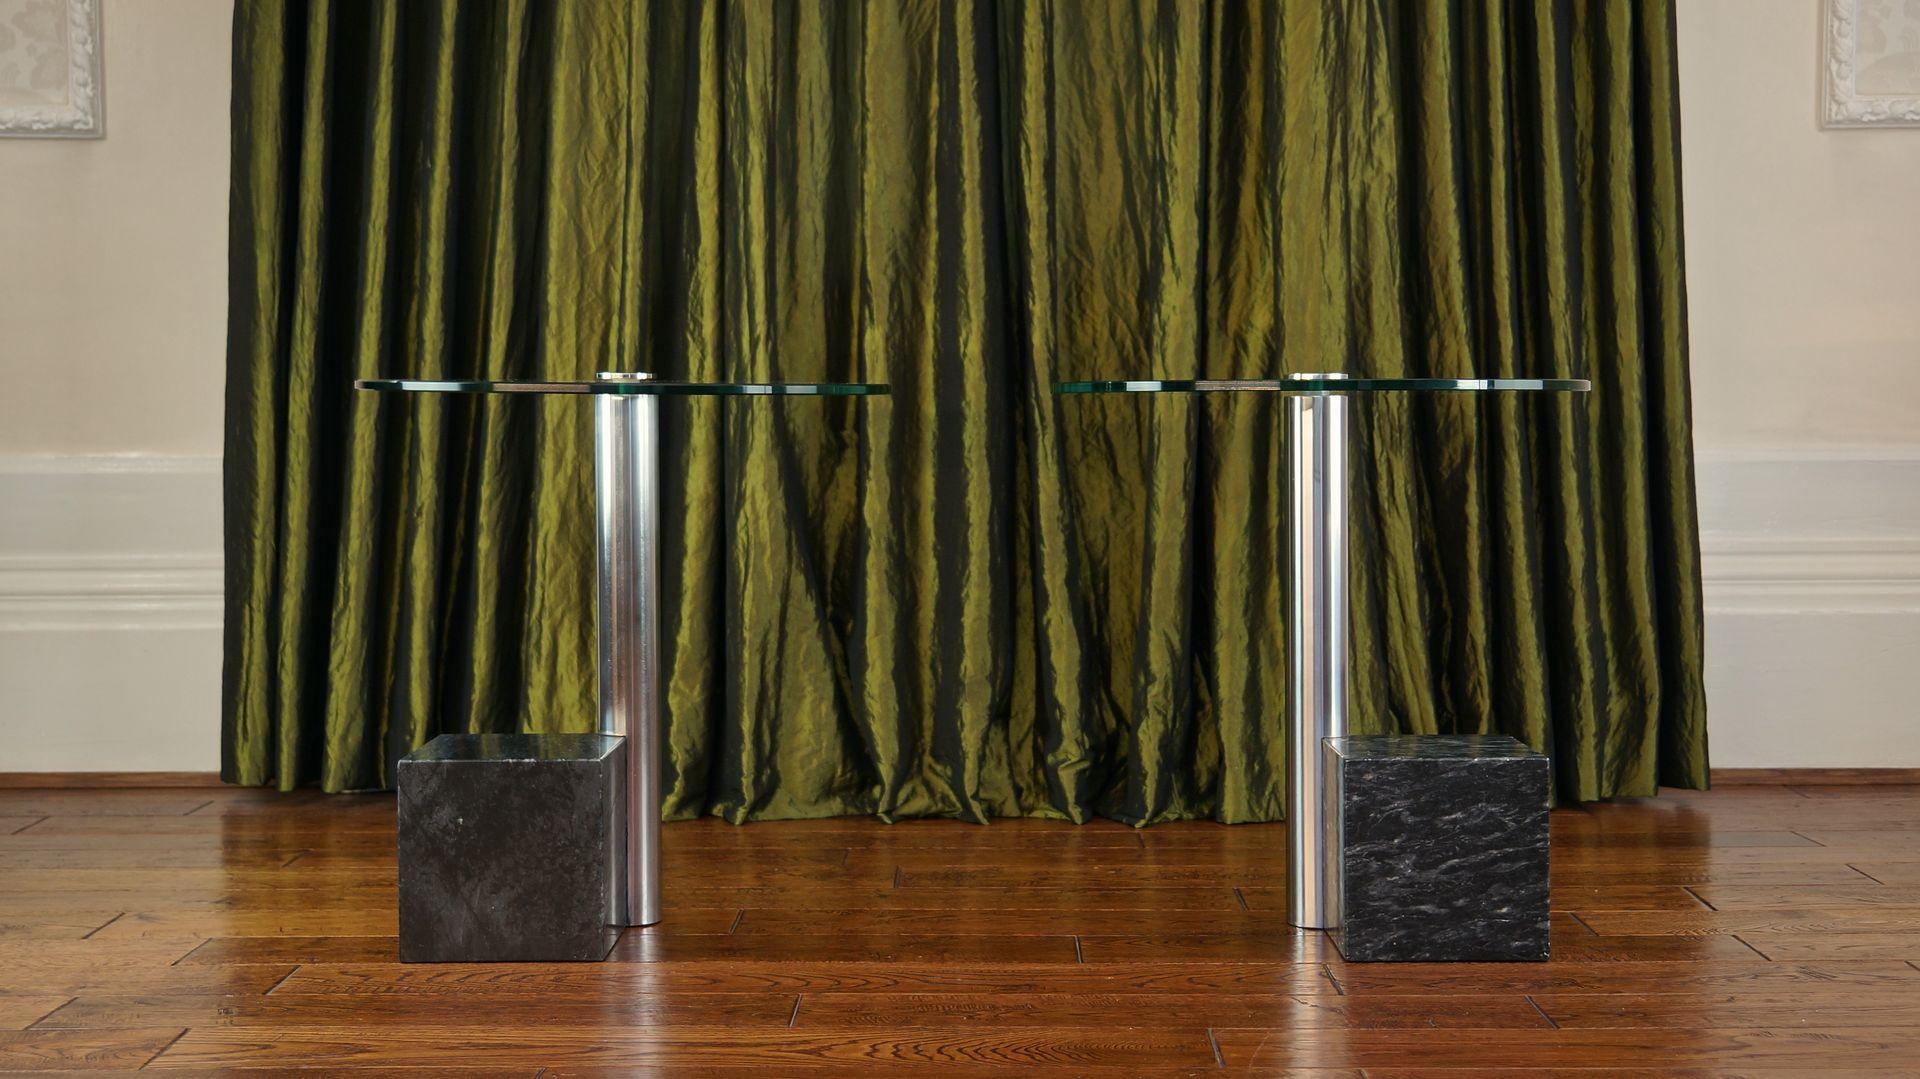 marmor glas beistelltische von hank kwint f r metaform 1980er 2er set bei pamono kaufen. Black Bedroom Furniture Sets. Home Design Ideas